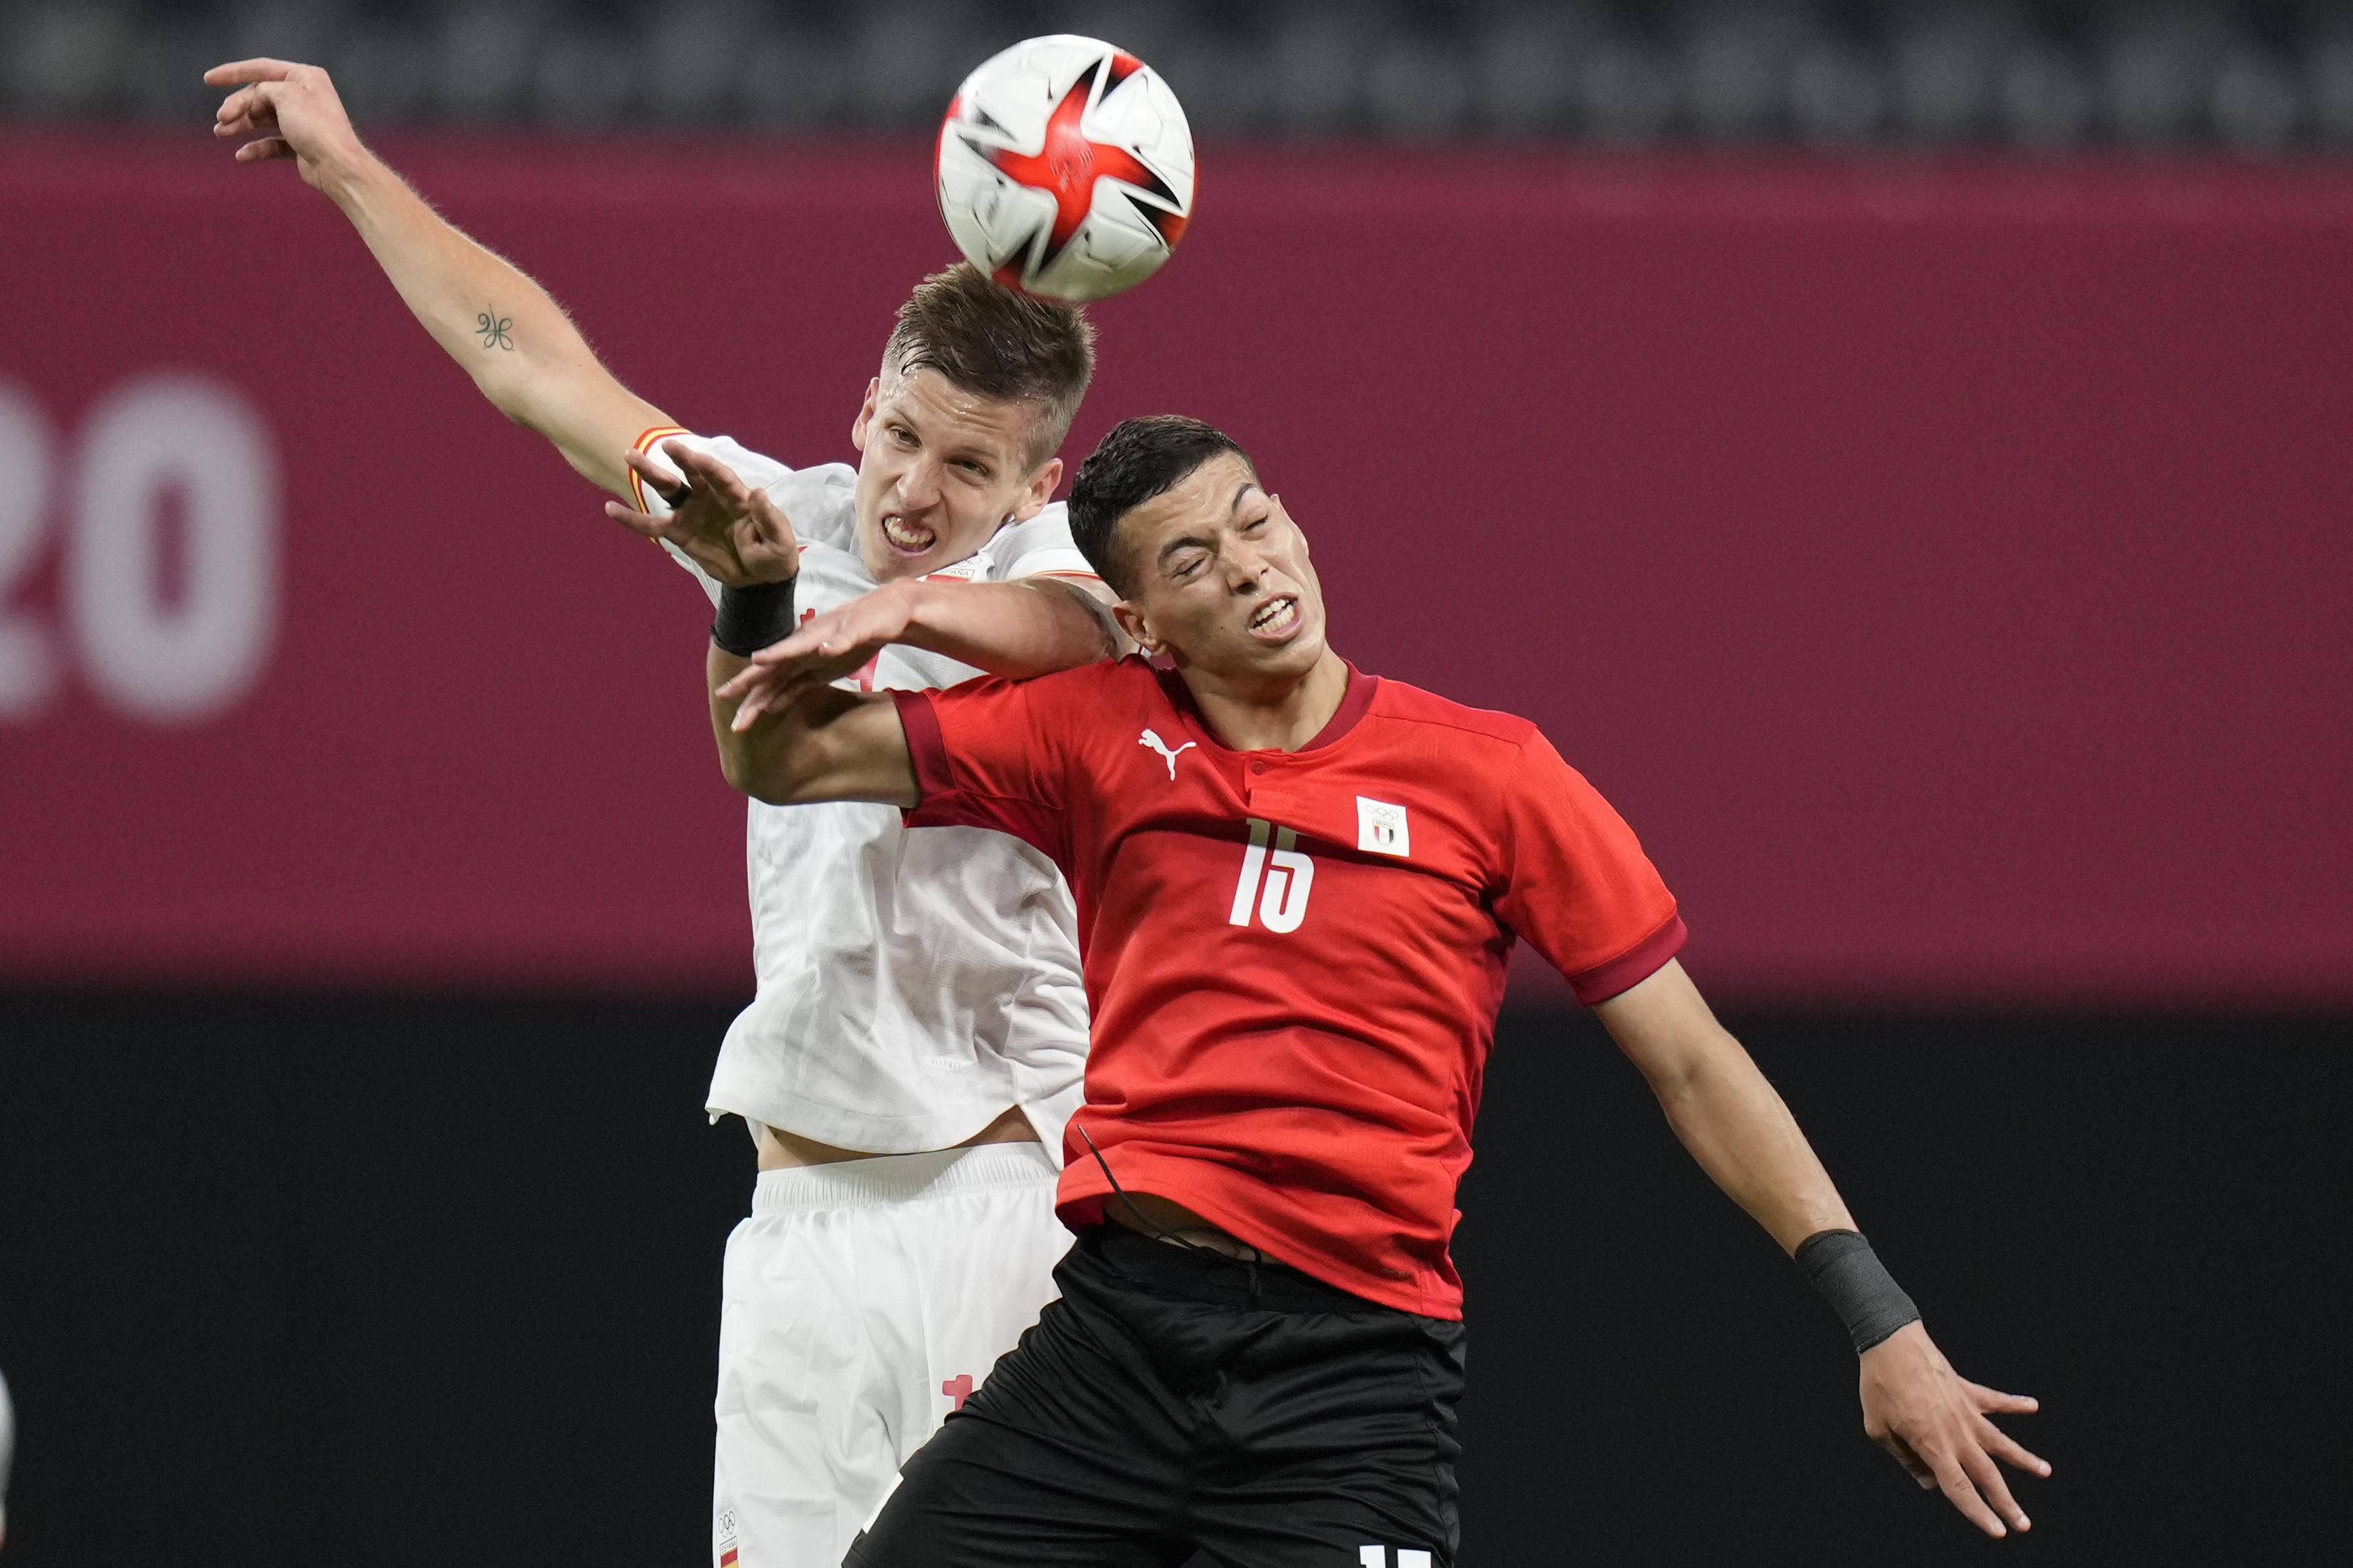 奥尔默(左)刚刚踢完欧洲杯。